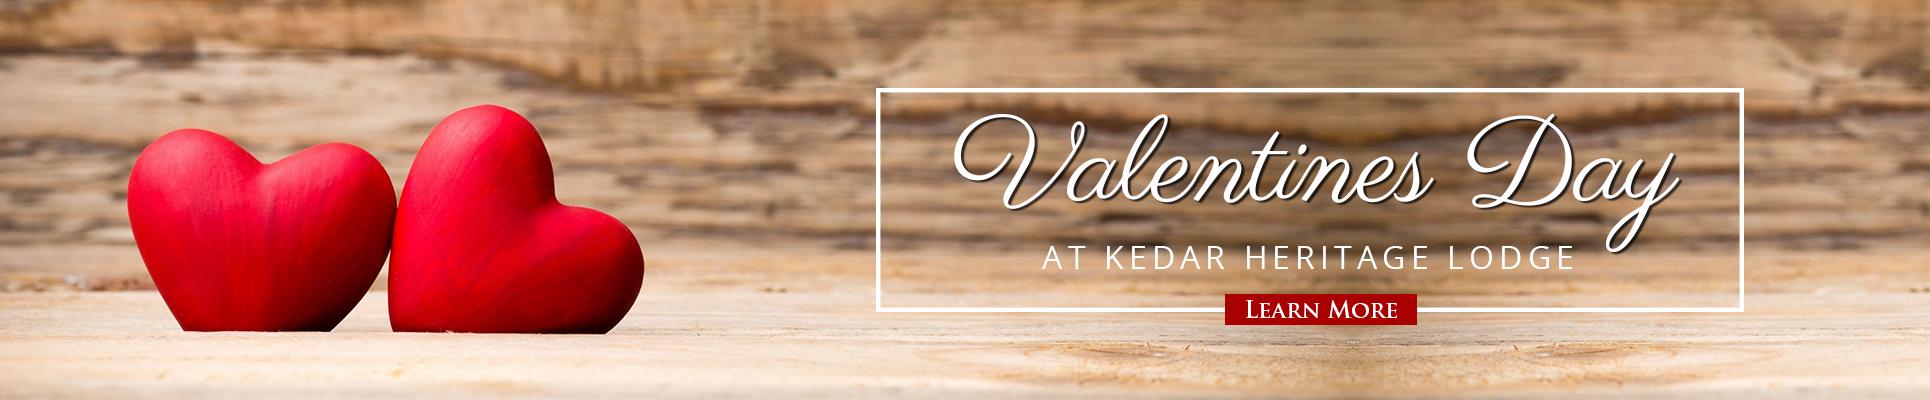 Kedar Valentines Day specials 2019